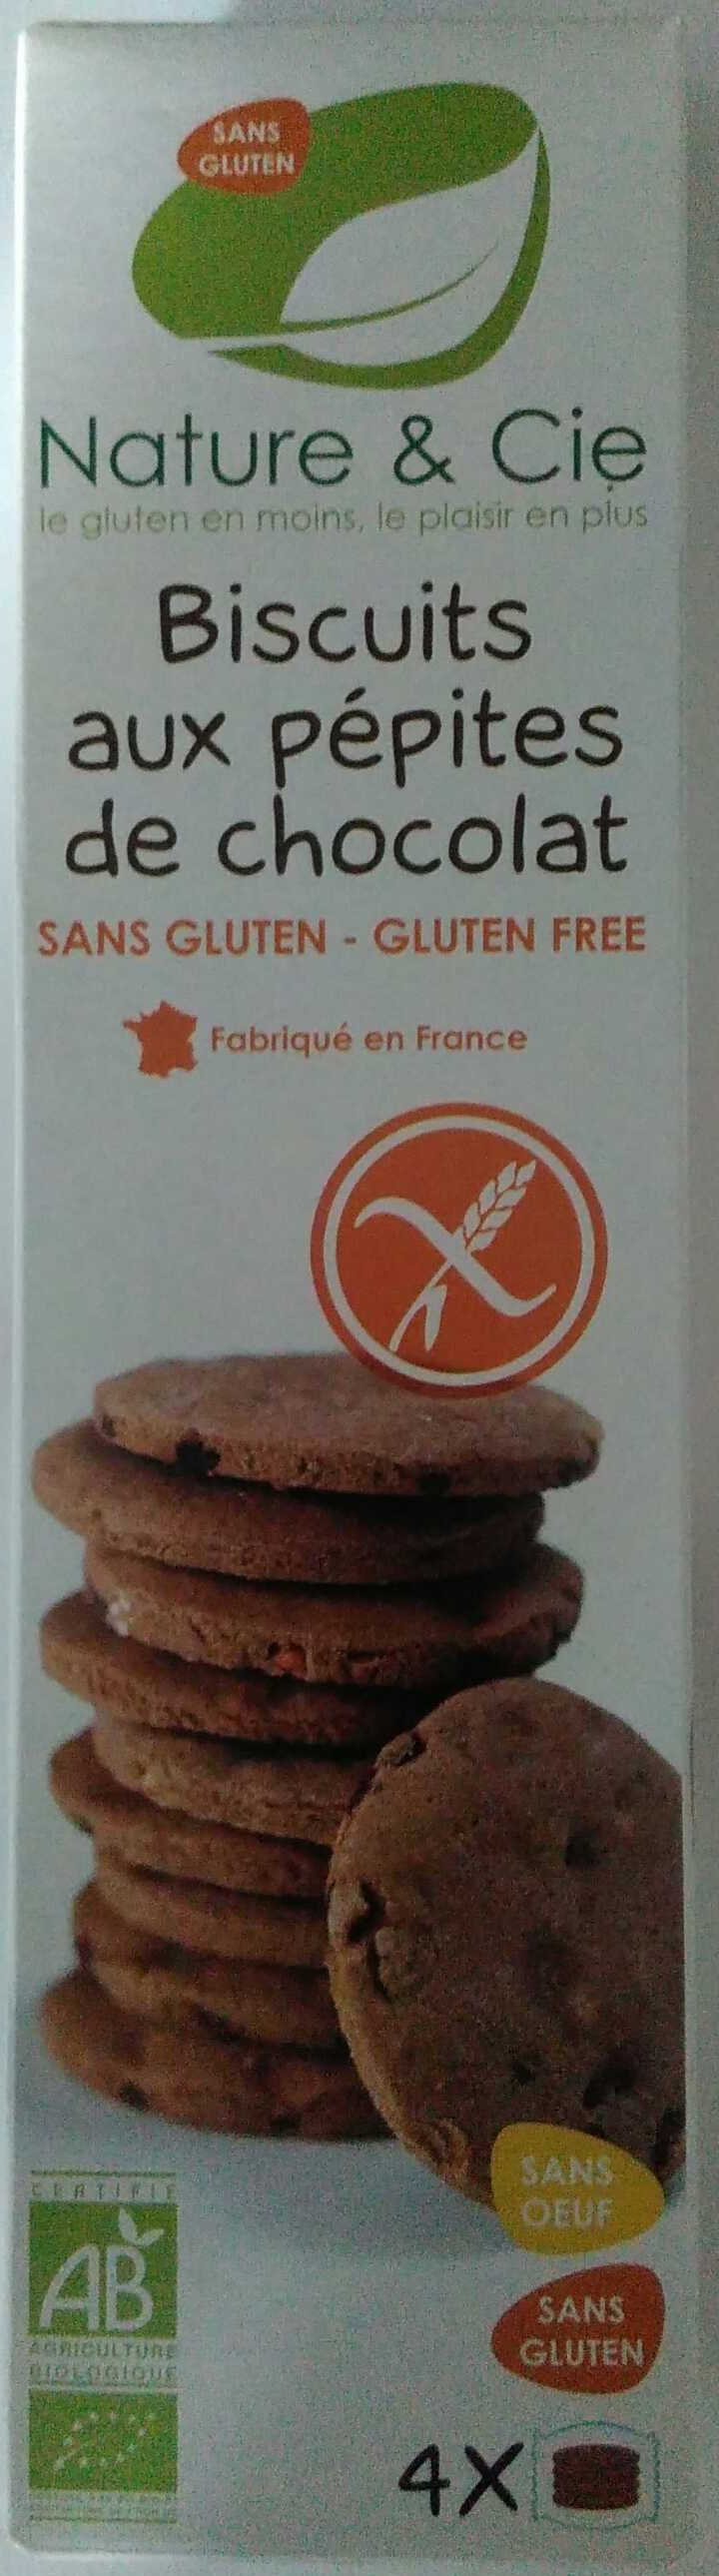 Sablés aux pépites de chocolat - Product - fr